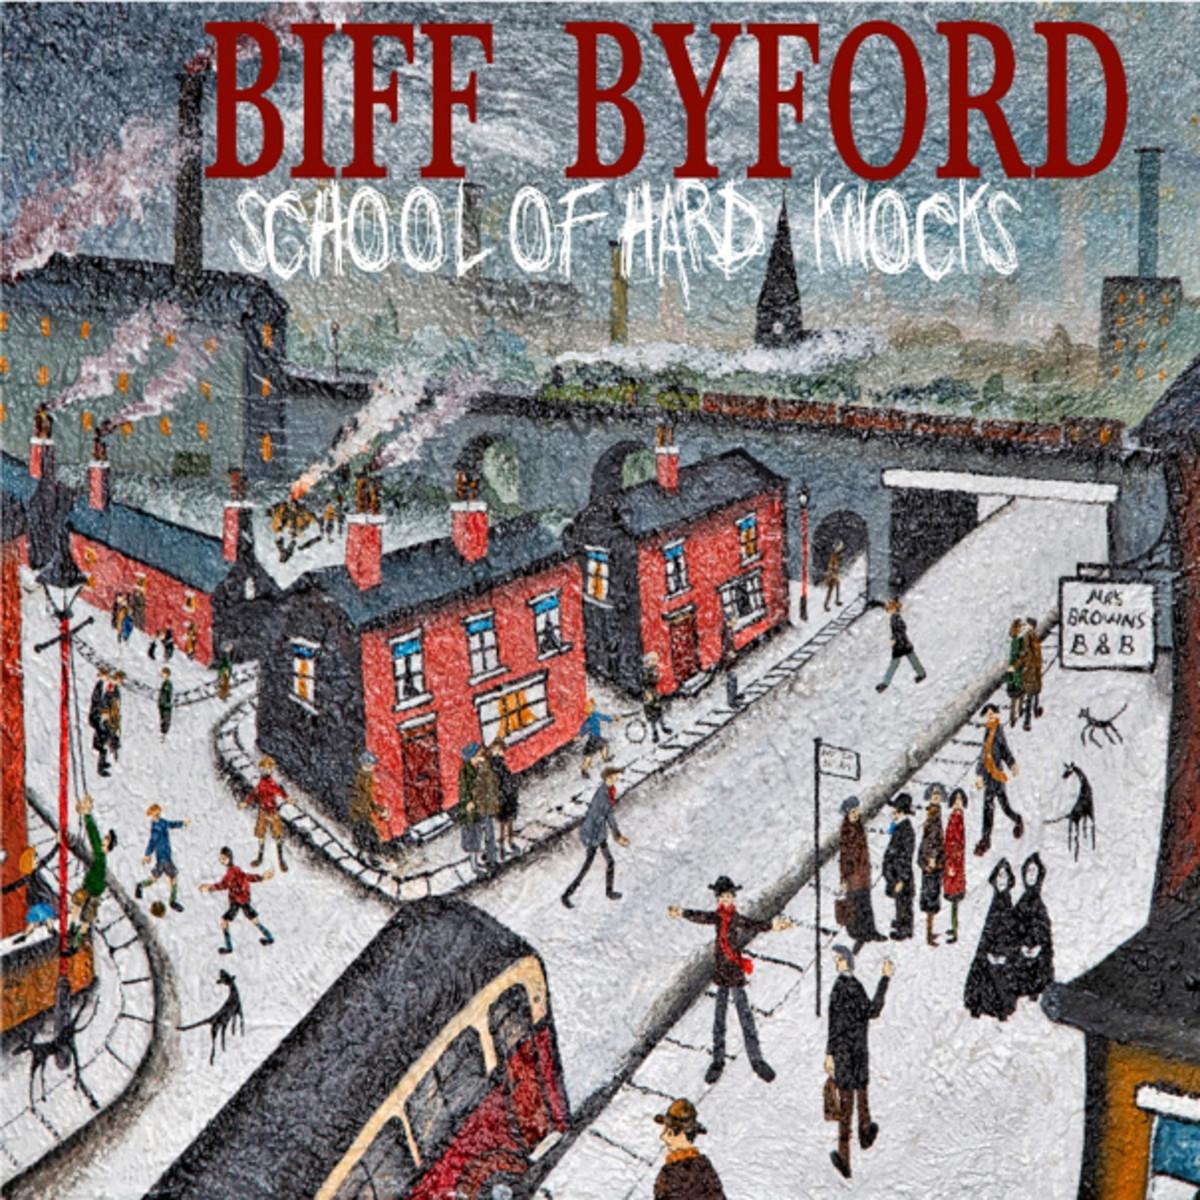 biff-byford-lp